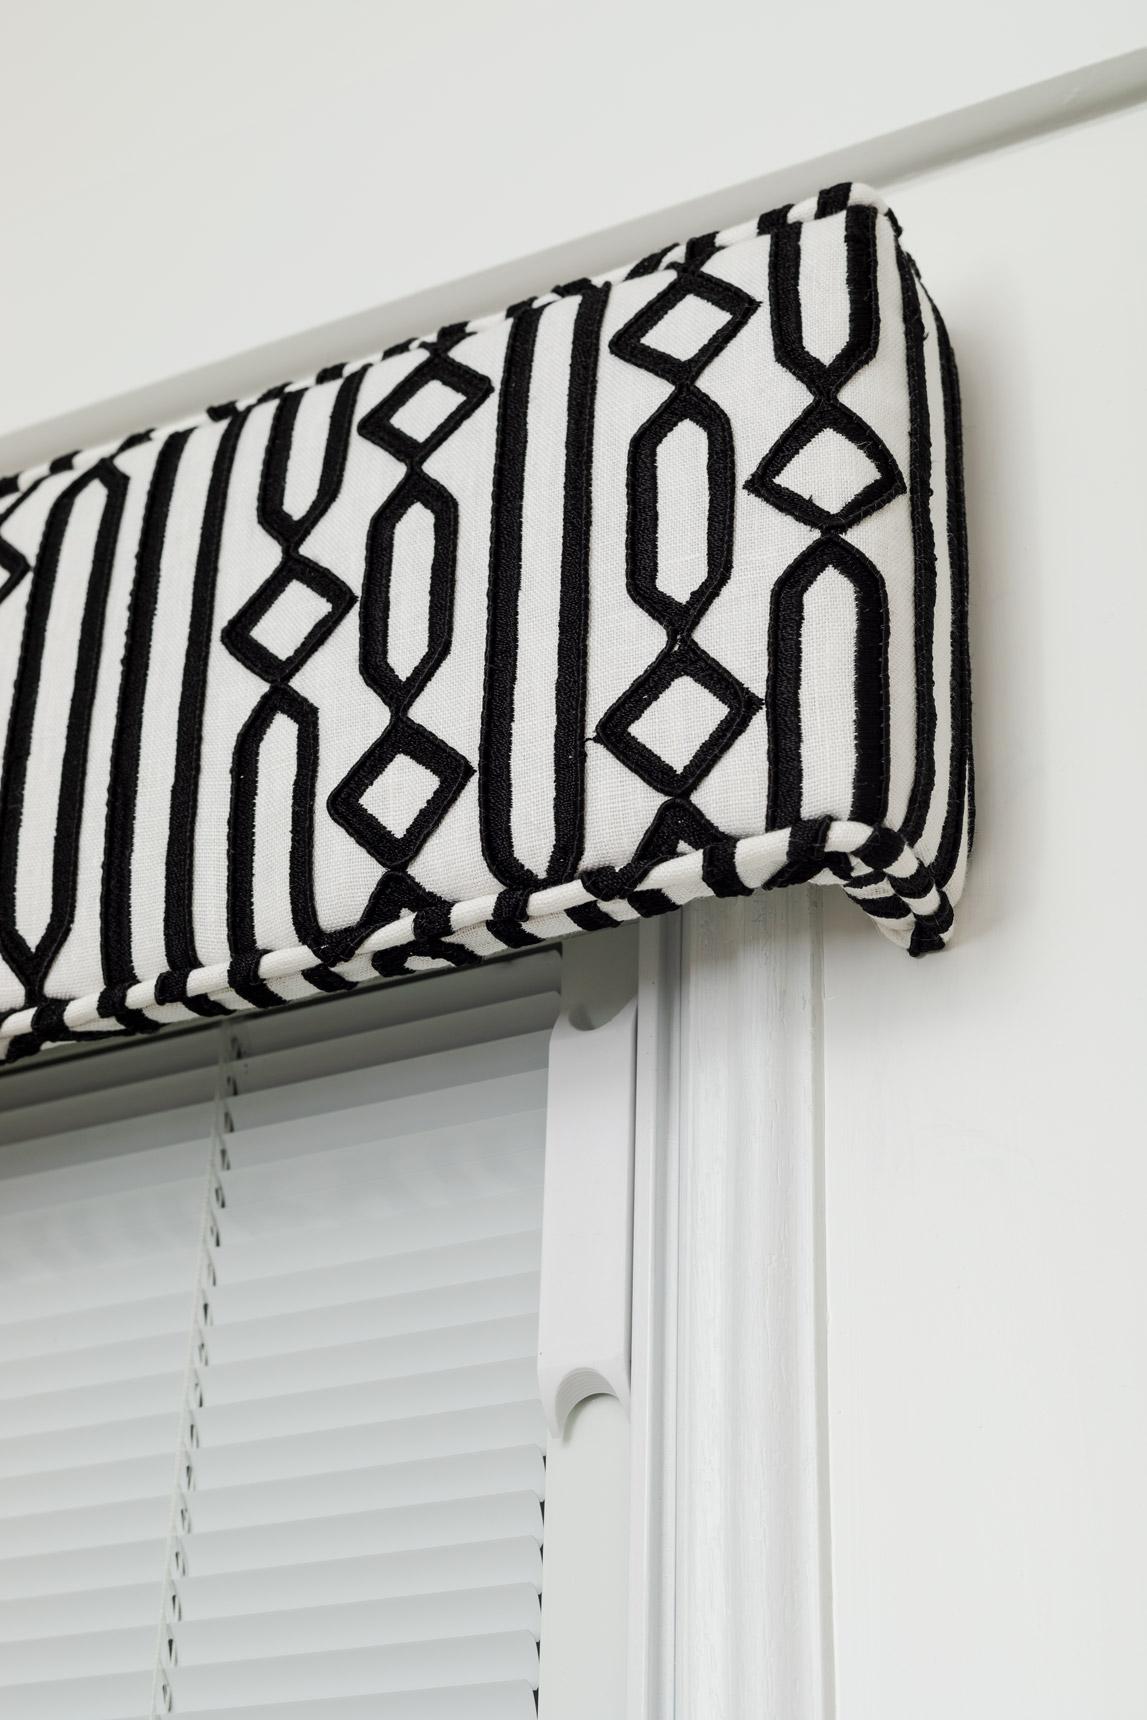 Cornice installed on door window